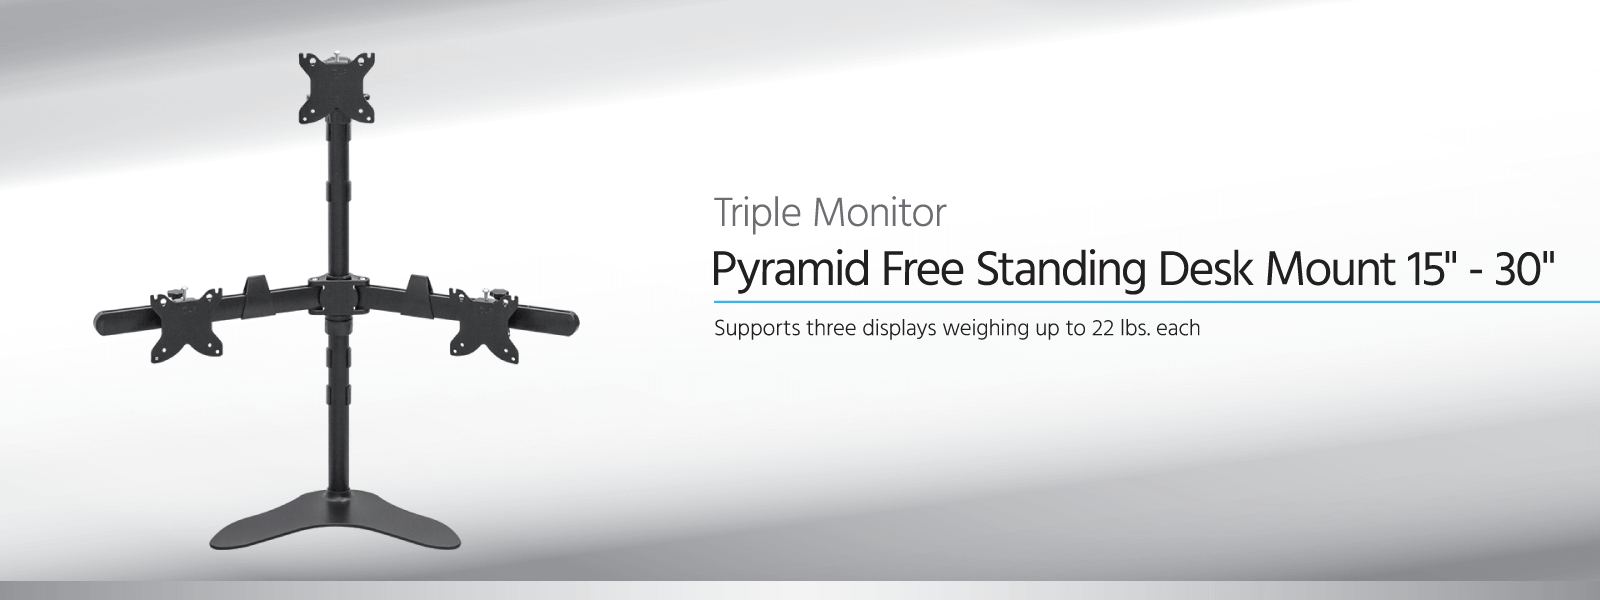 Freistehende Tischhalterung in Pyramidenform für drei Monitore